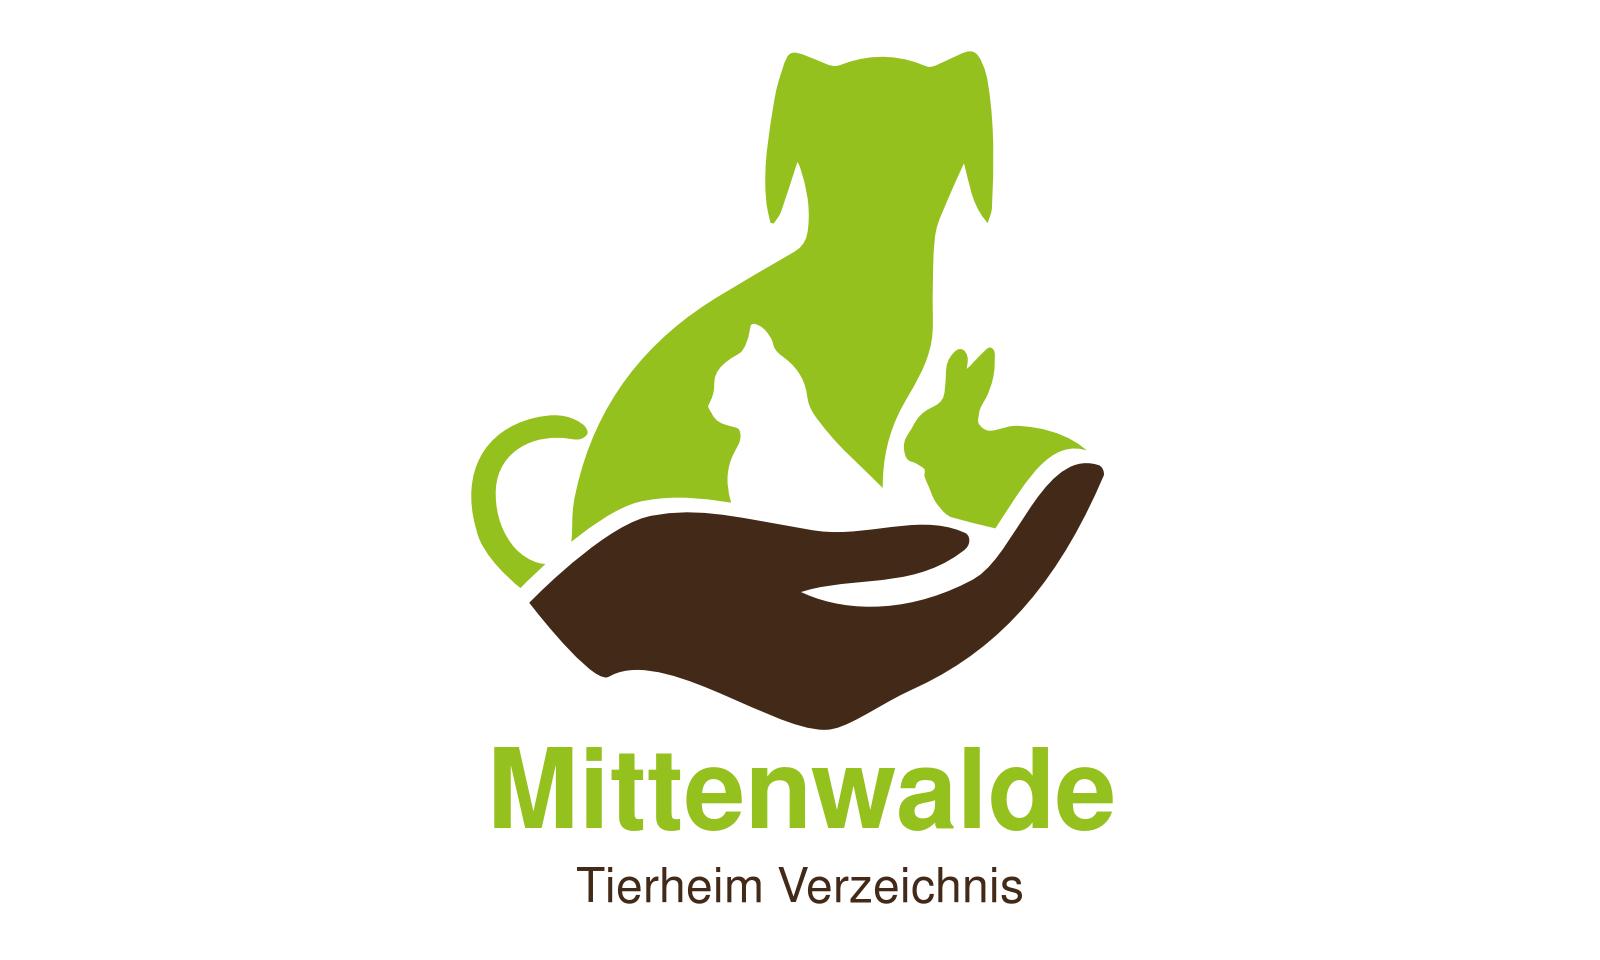 Tierheim Mittenwalde